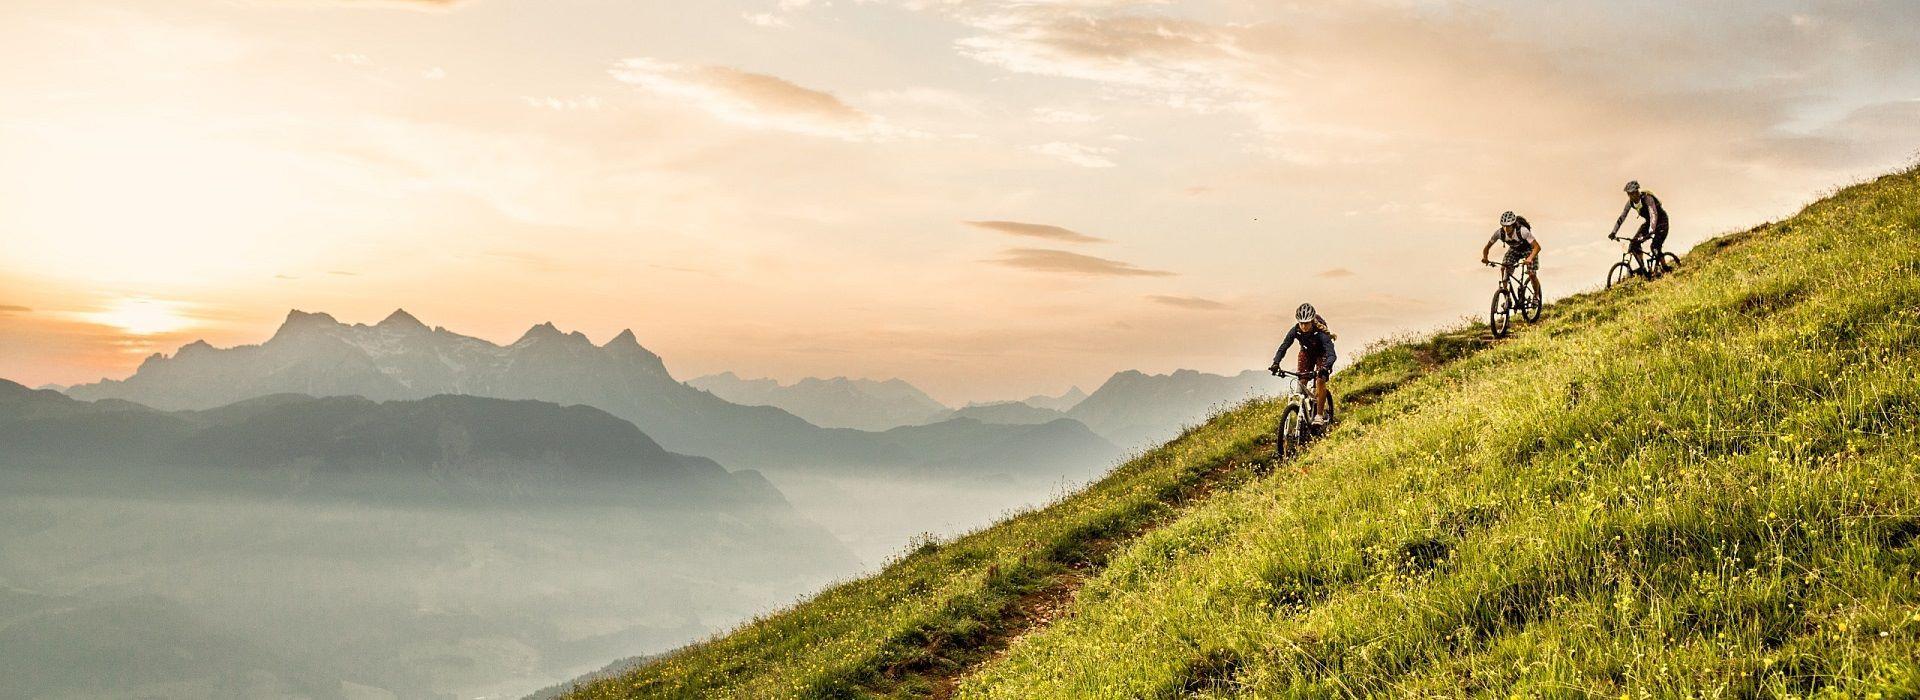 trailerlebnis-im-brixental-kitzbueheler-alpen-brixental-ghost-bikes-4